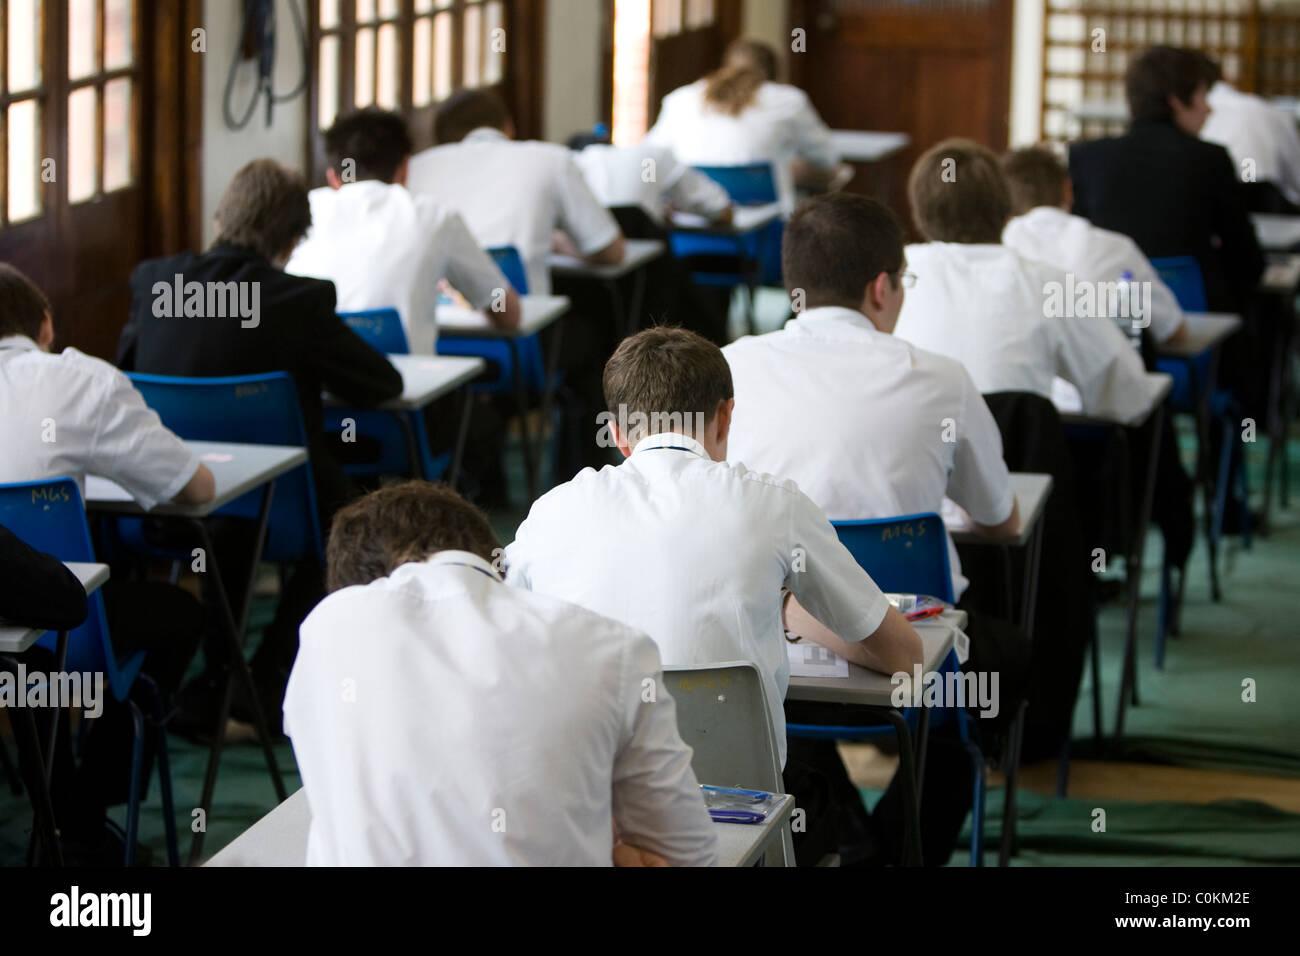 Los alumnos llenan una sala de exámenes para tomar un examen GCSE en Maidstone Grammar School en Maidstone, Imagen De Stock